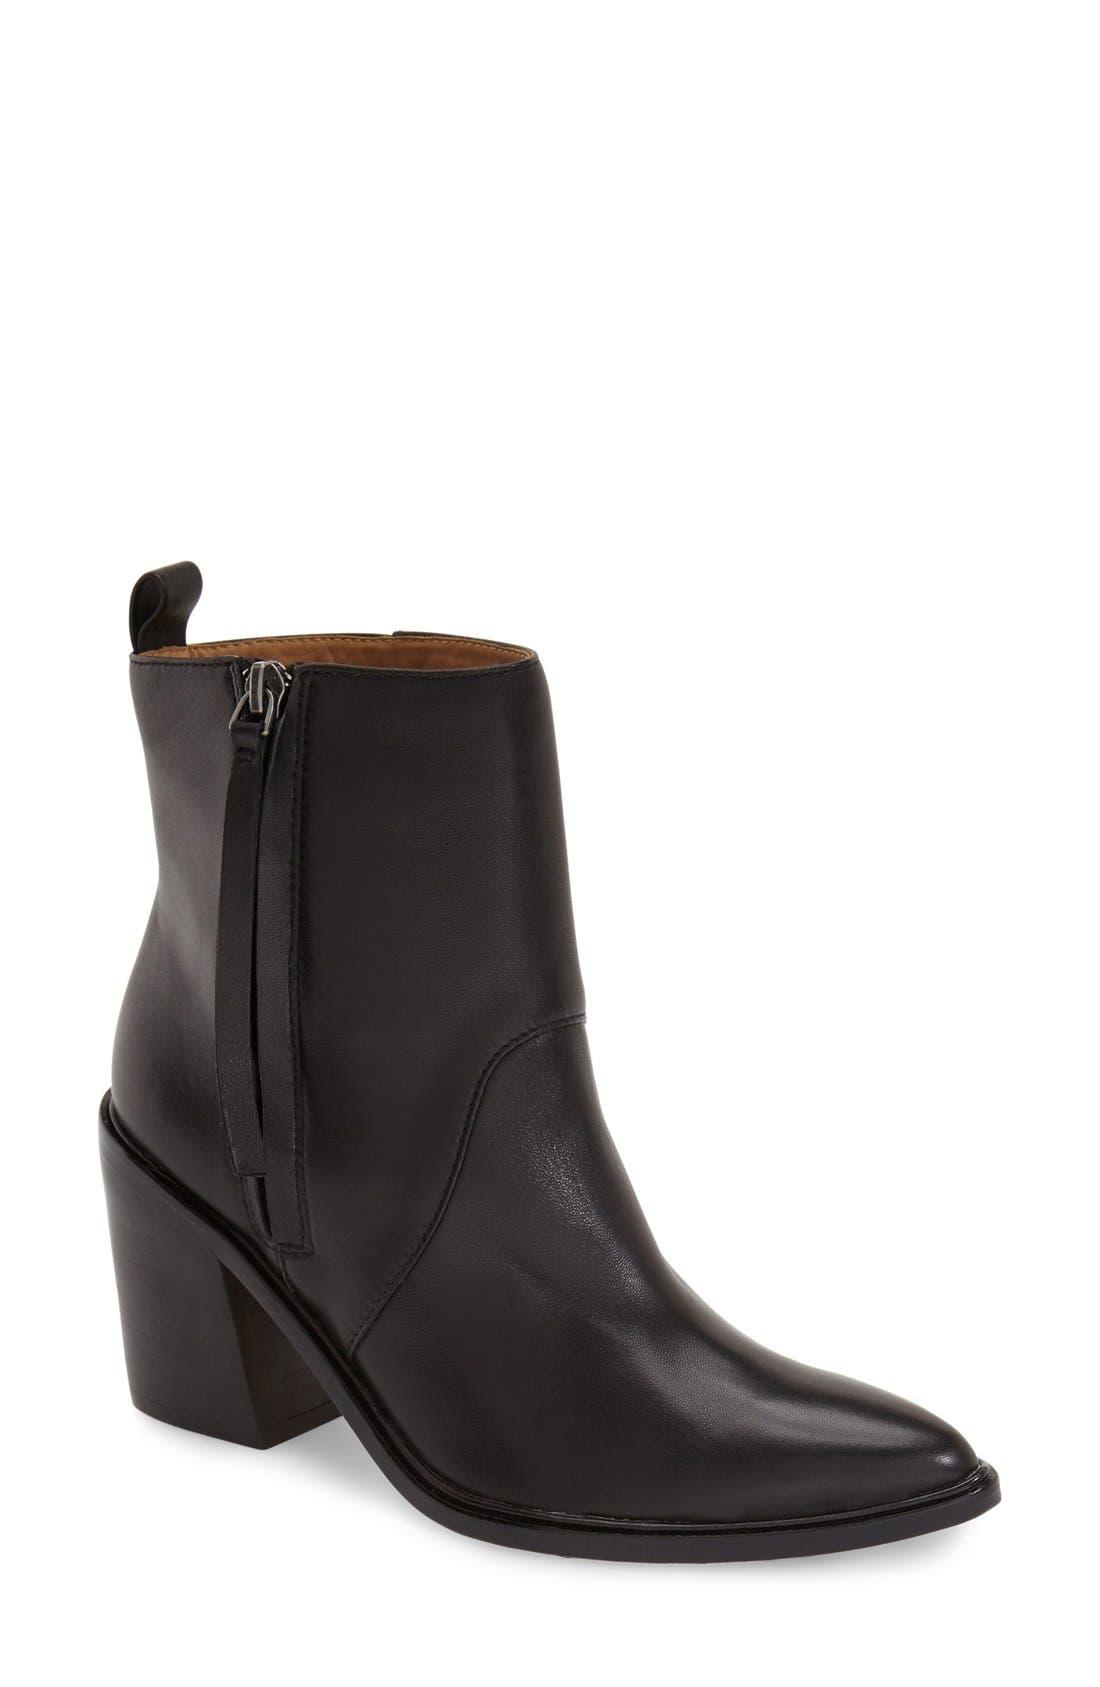 Main Image - Bettye Muller 'Troy' Pointy Toe Boot (Women)